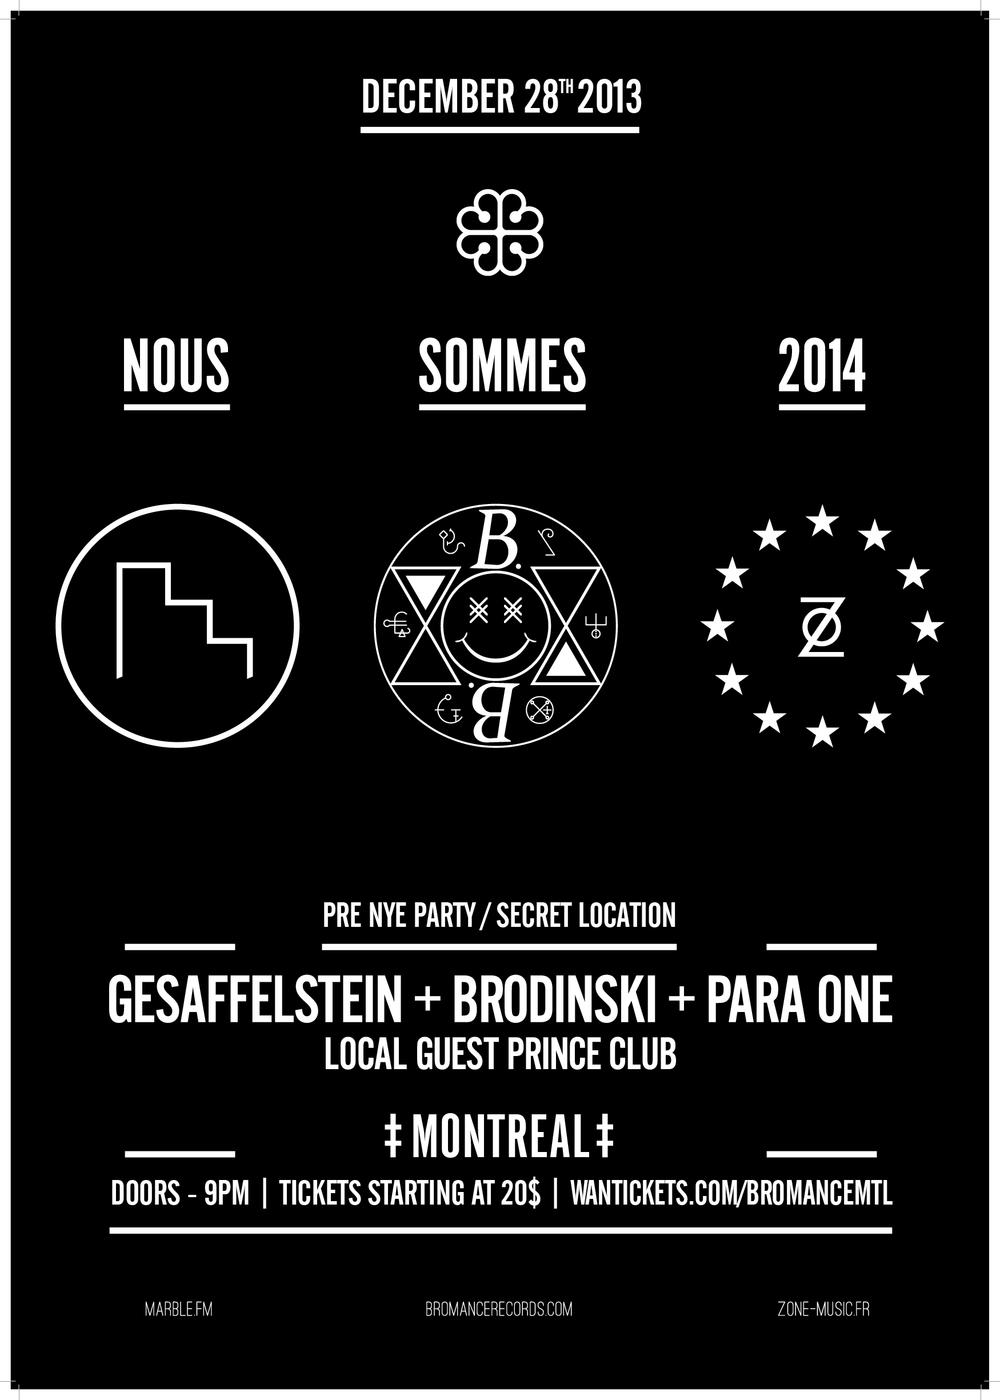 Gesaffelstein, Brodinski w/ Para One in Montreal